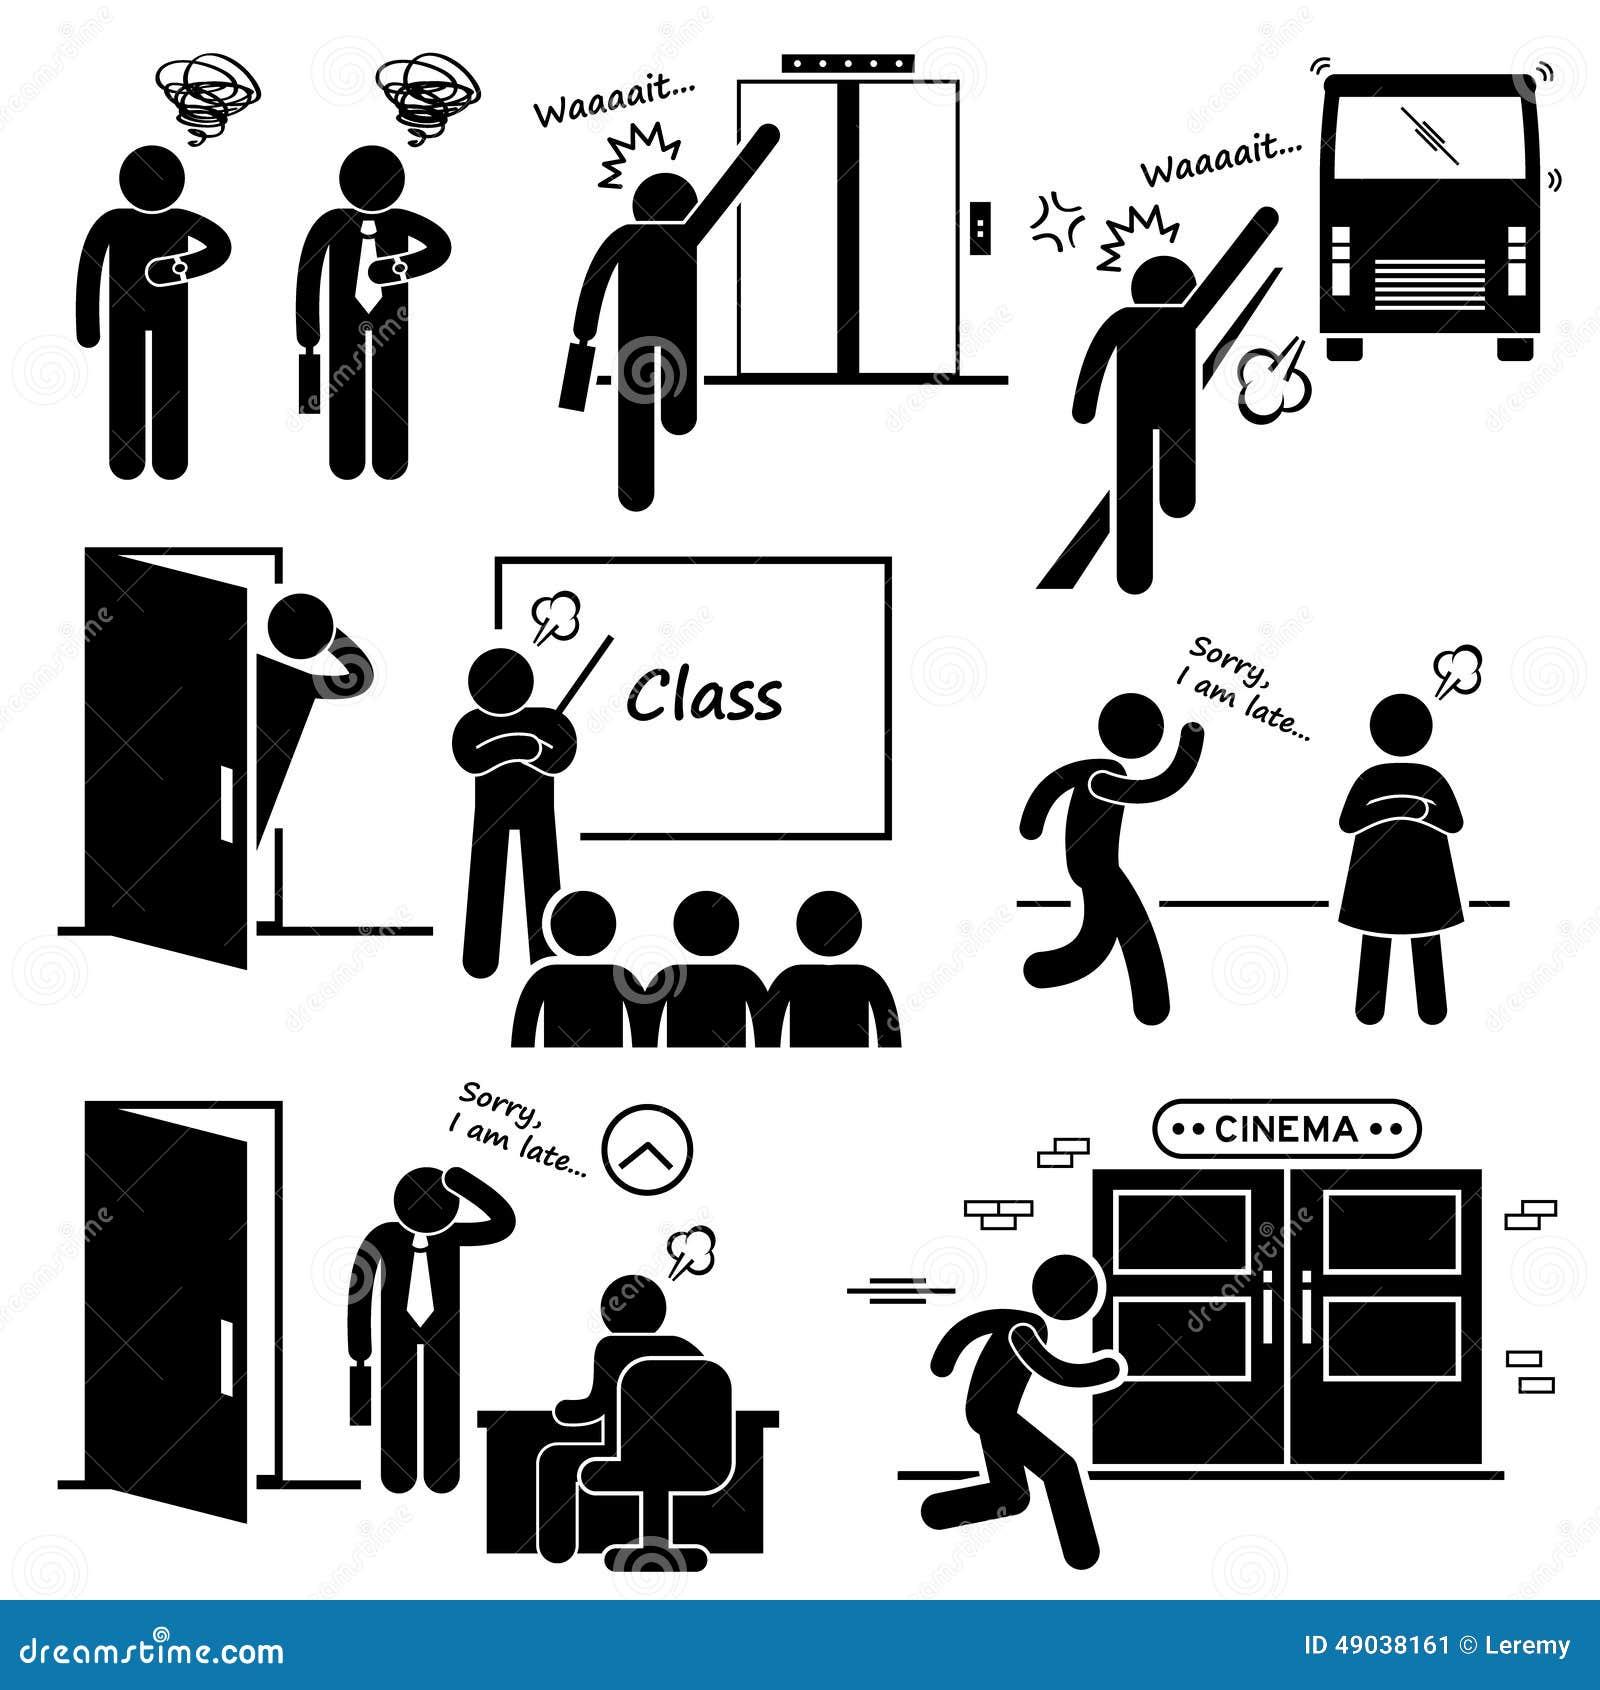 Tard et se précipitant pour l ascenseur, l autobus, la classe, la date, le Job Interview, et les icônes de cinéma de film